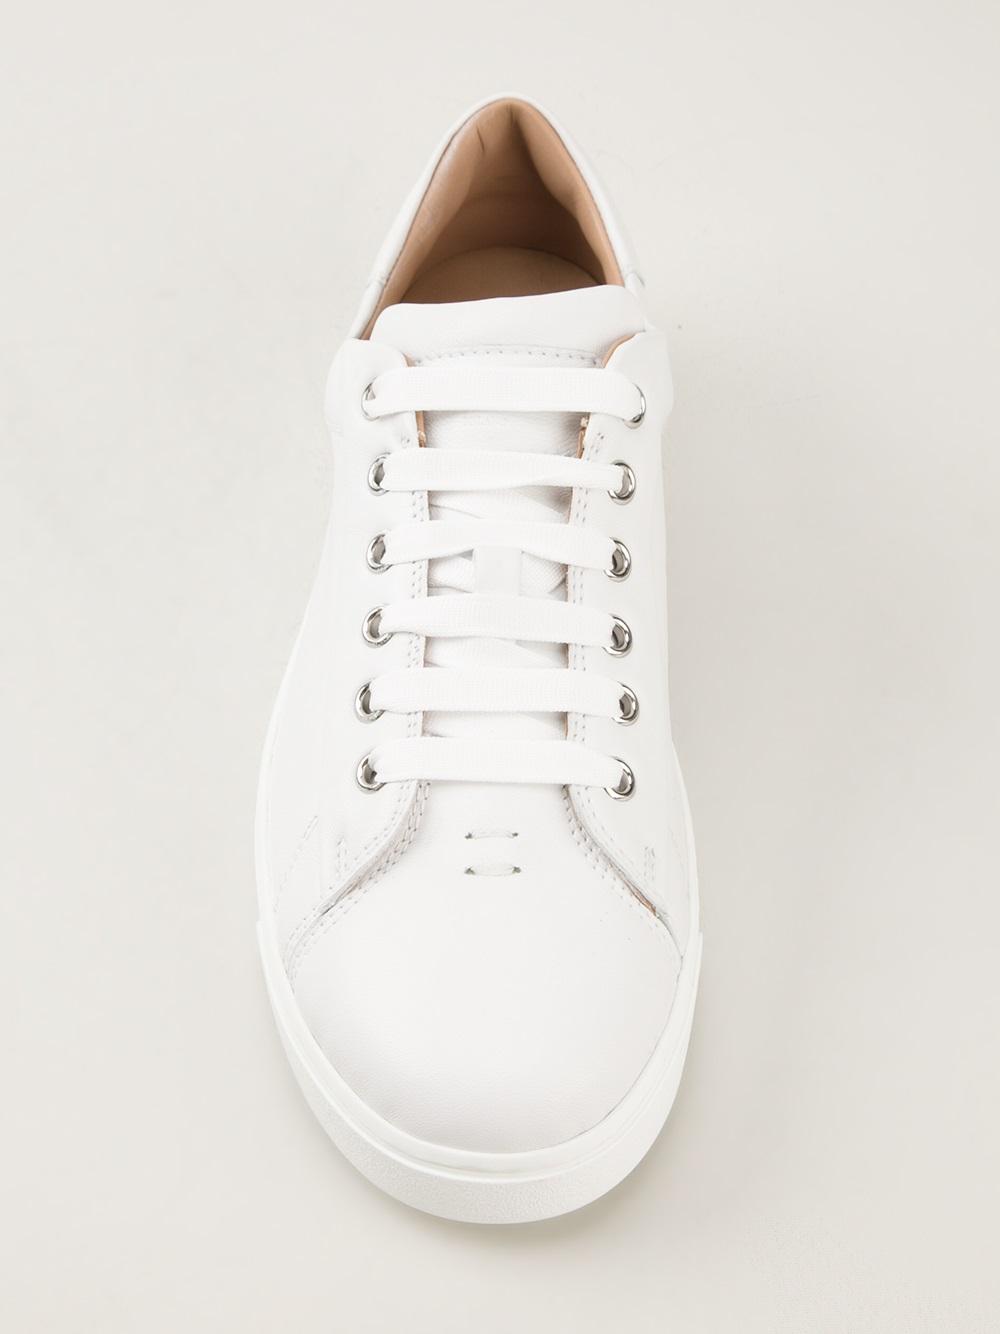 best sale sale sale online Gianvito Rossi low top sneakers QZulseR13